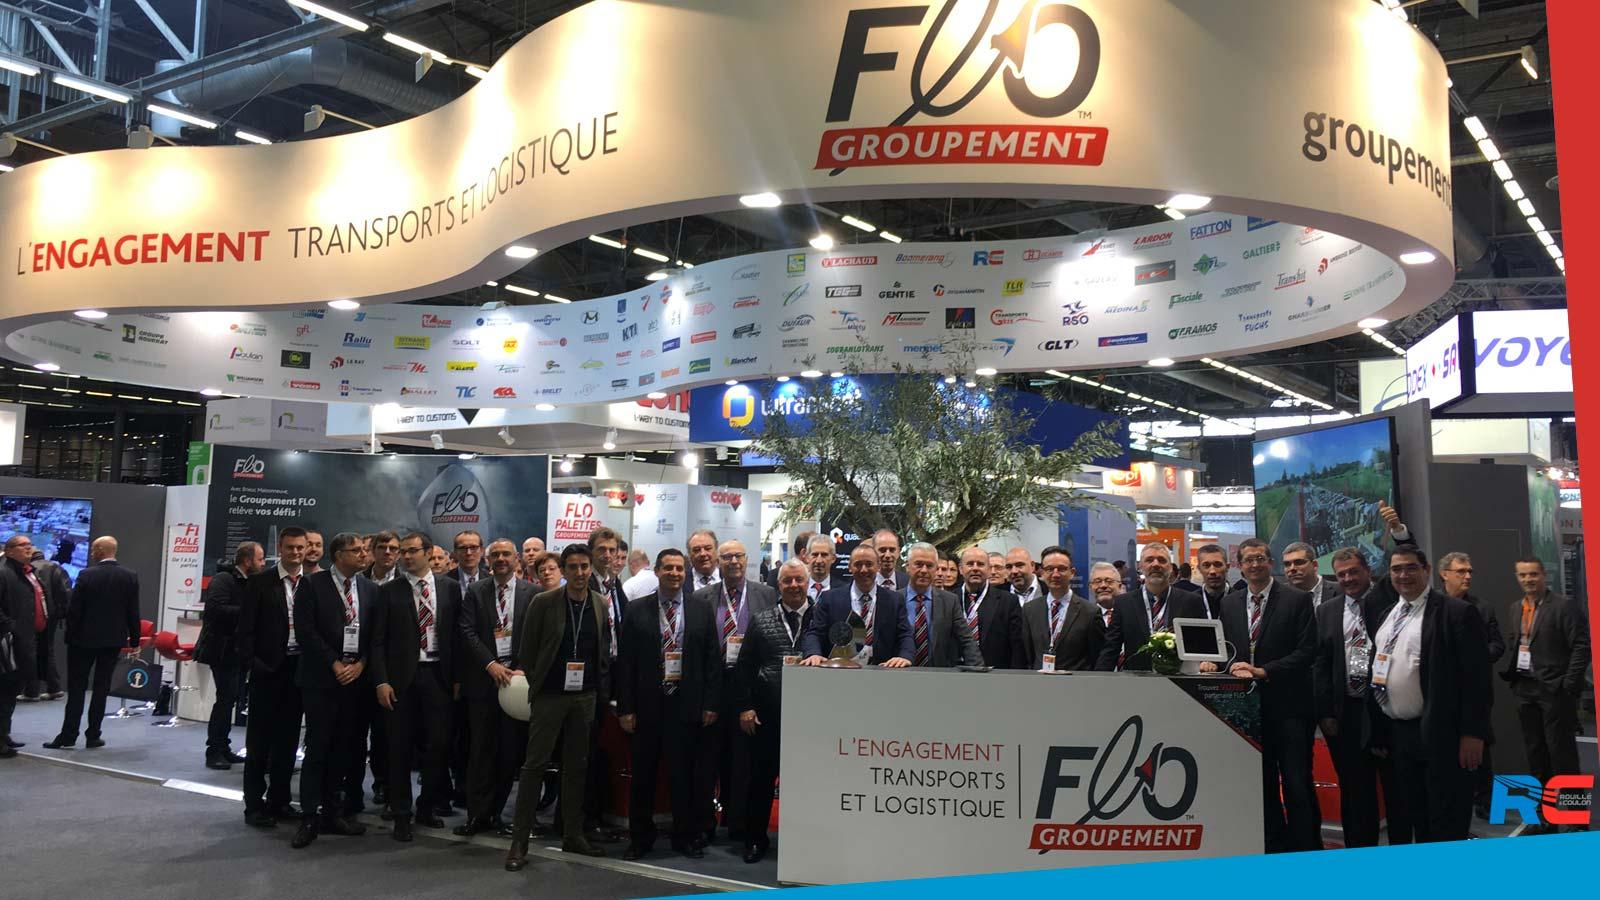 Groupement FLO: l'engagement Transport et Logistique